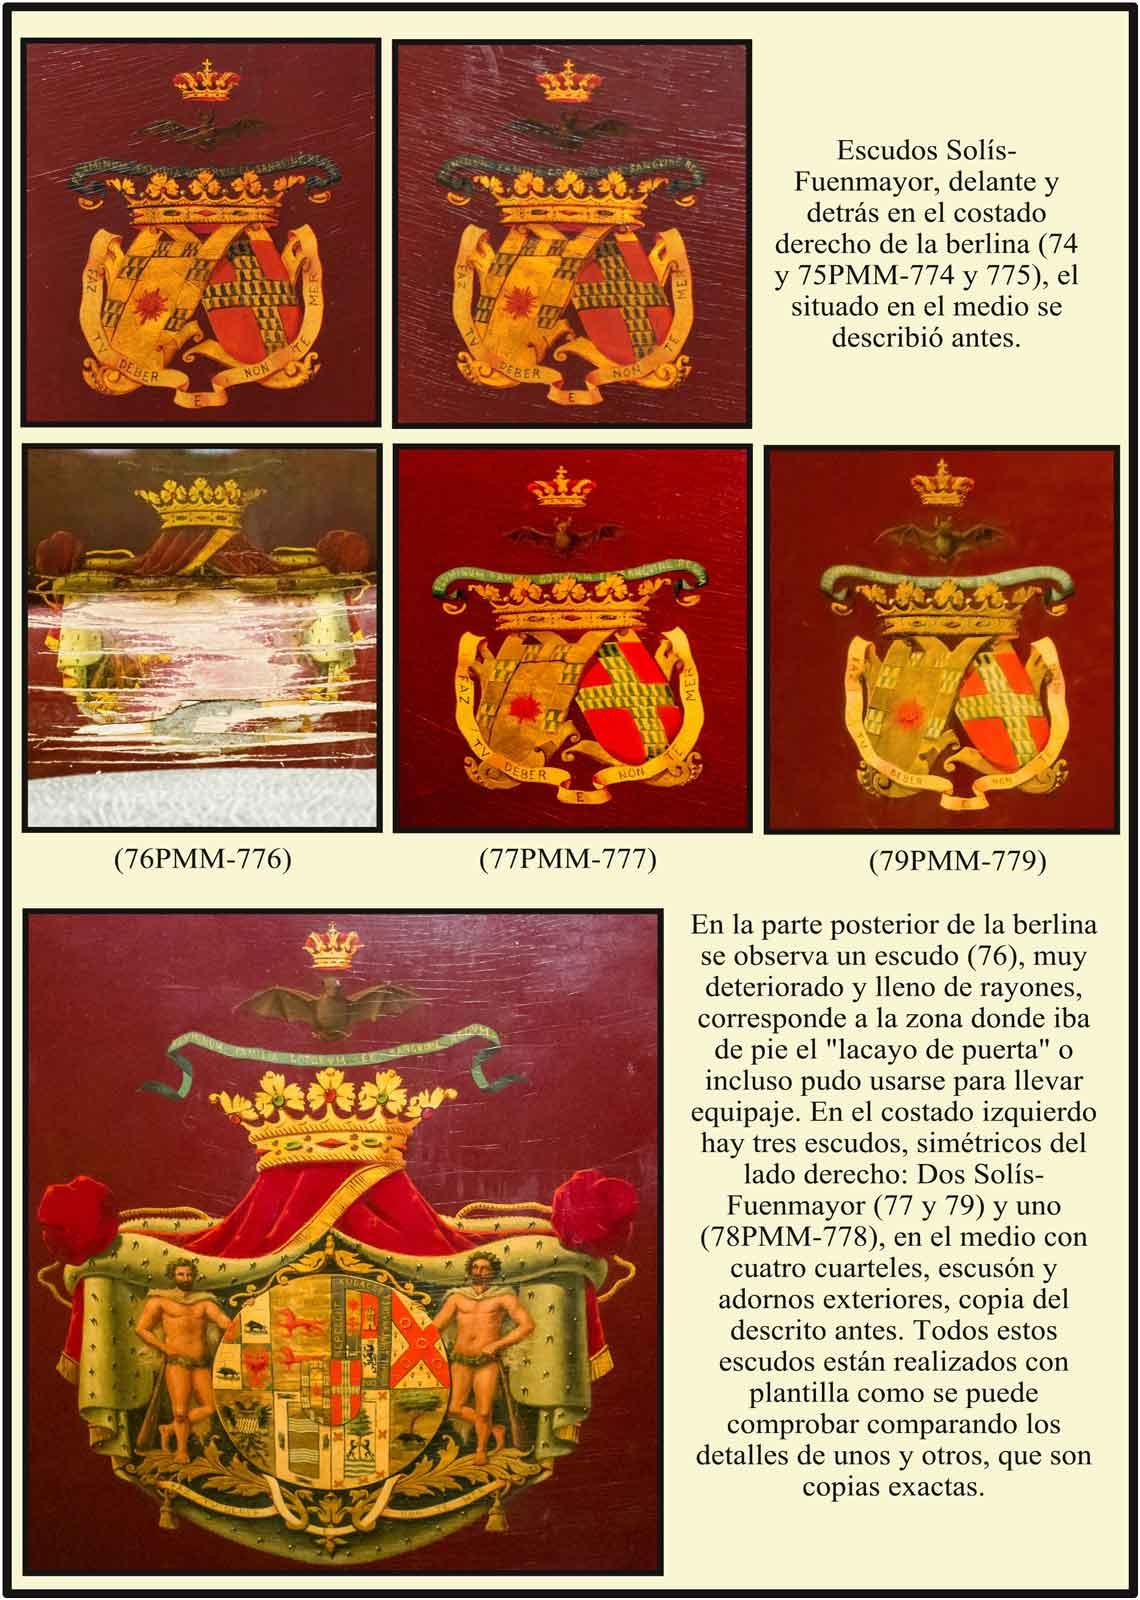 Escudos Solis Fuenmayor Marques de Castel Moncayo